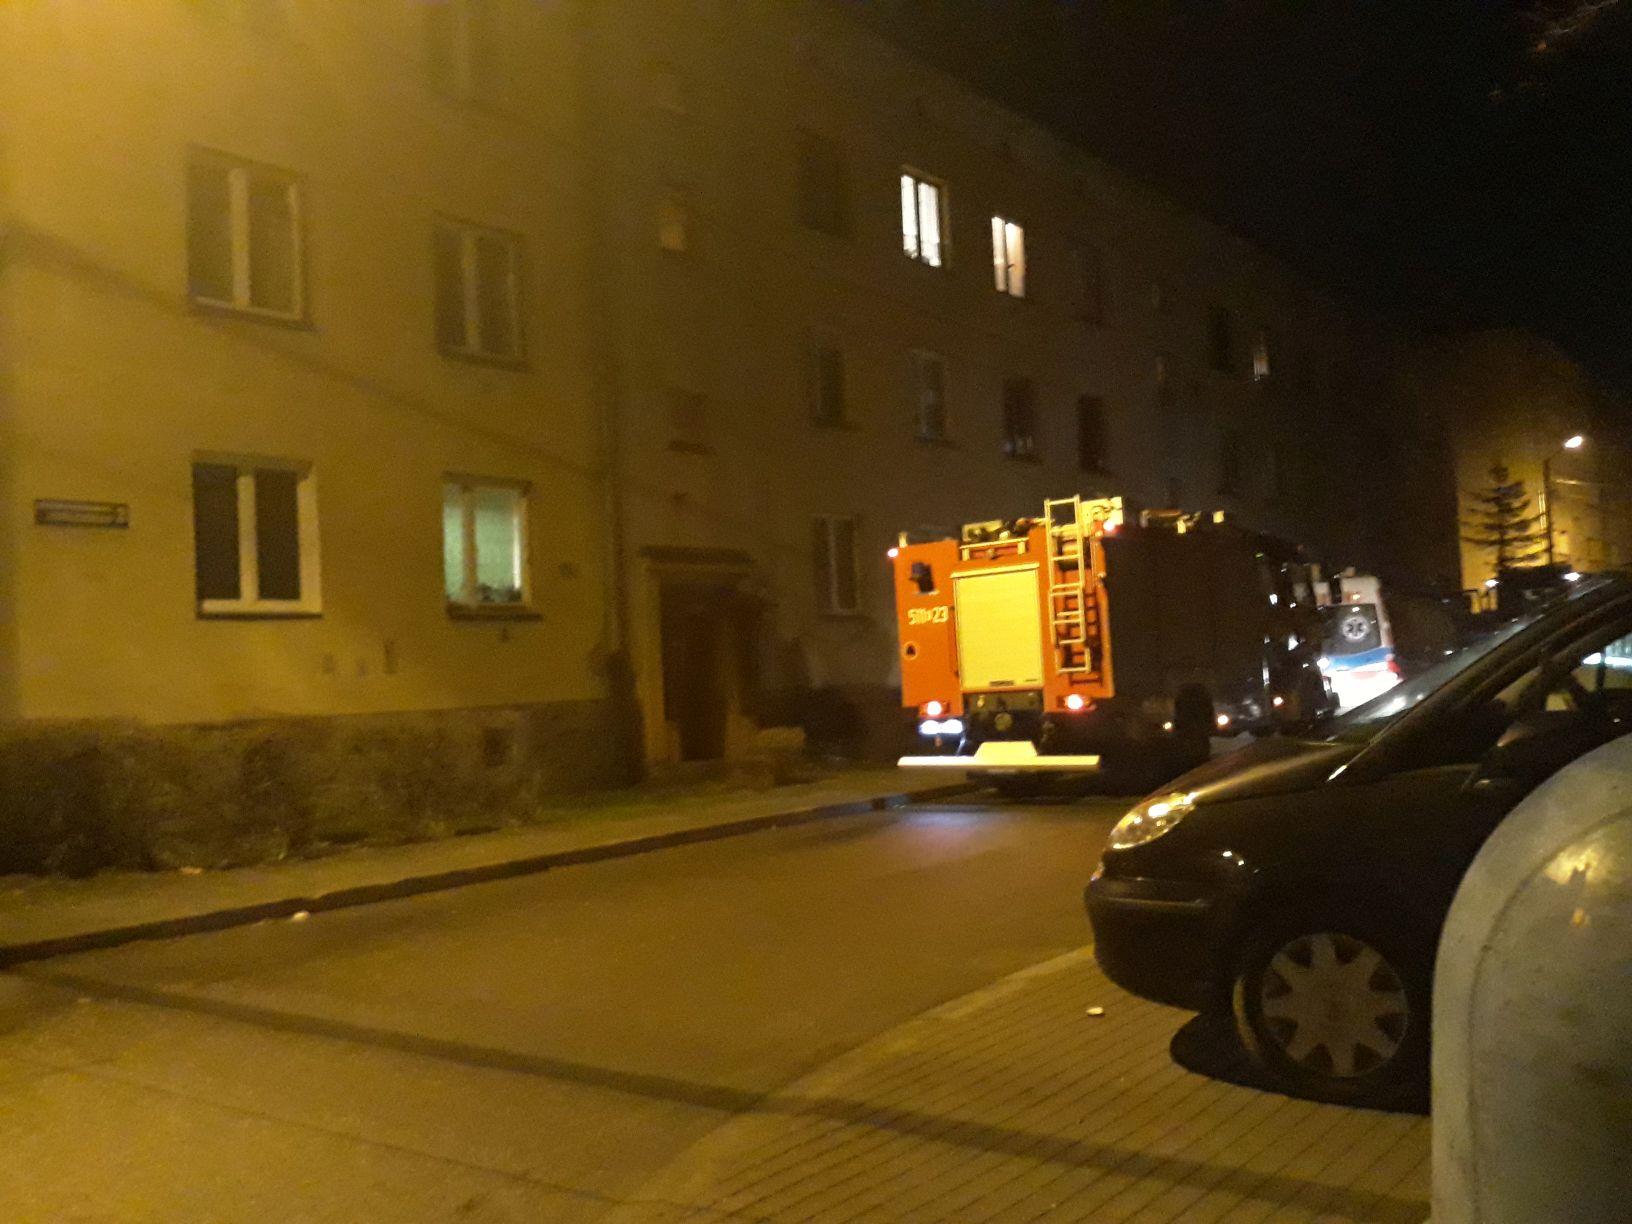 Starsza mieszkanka potrzebowała pomocy, na miejscu interweniowały służby ratownicze